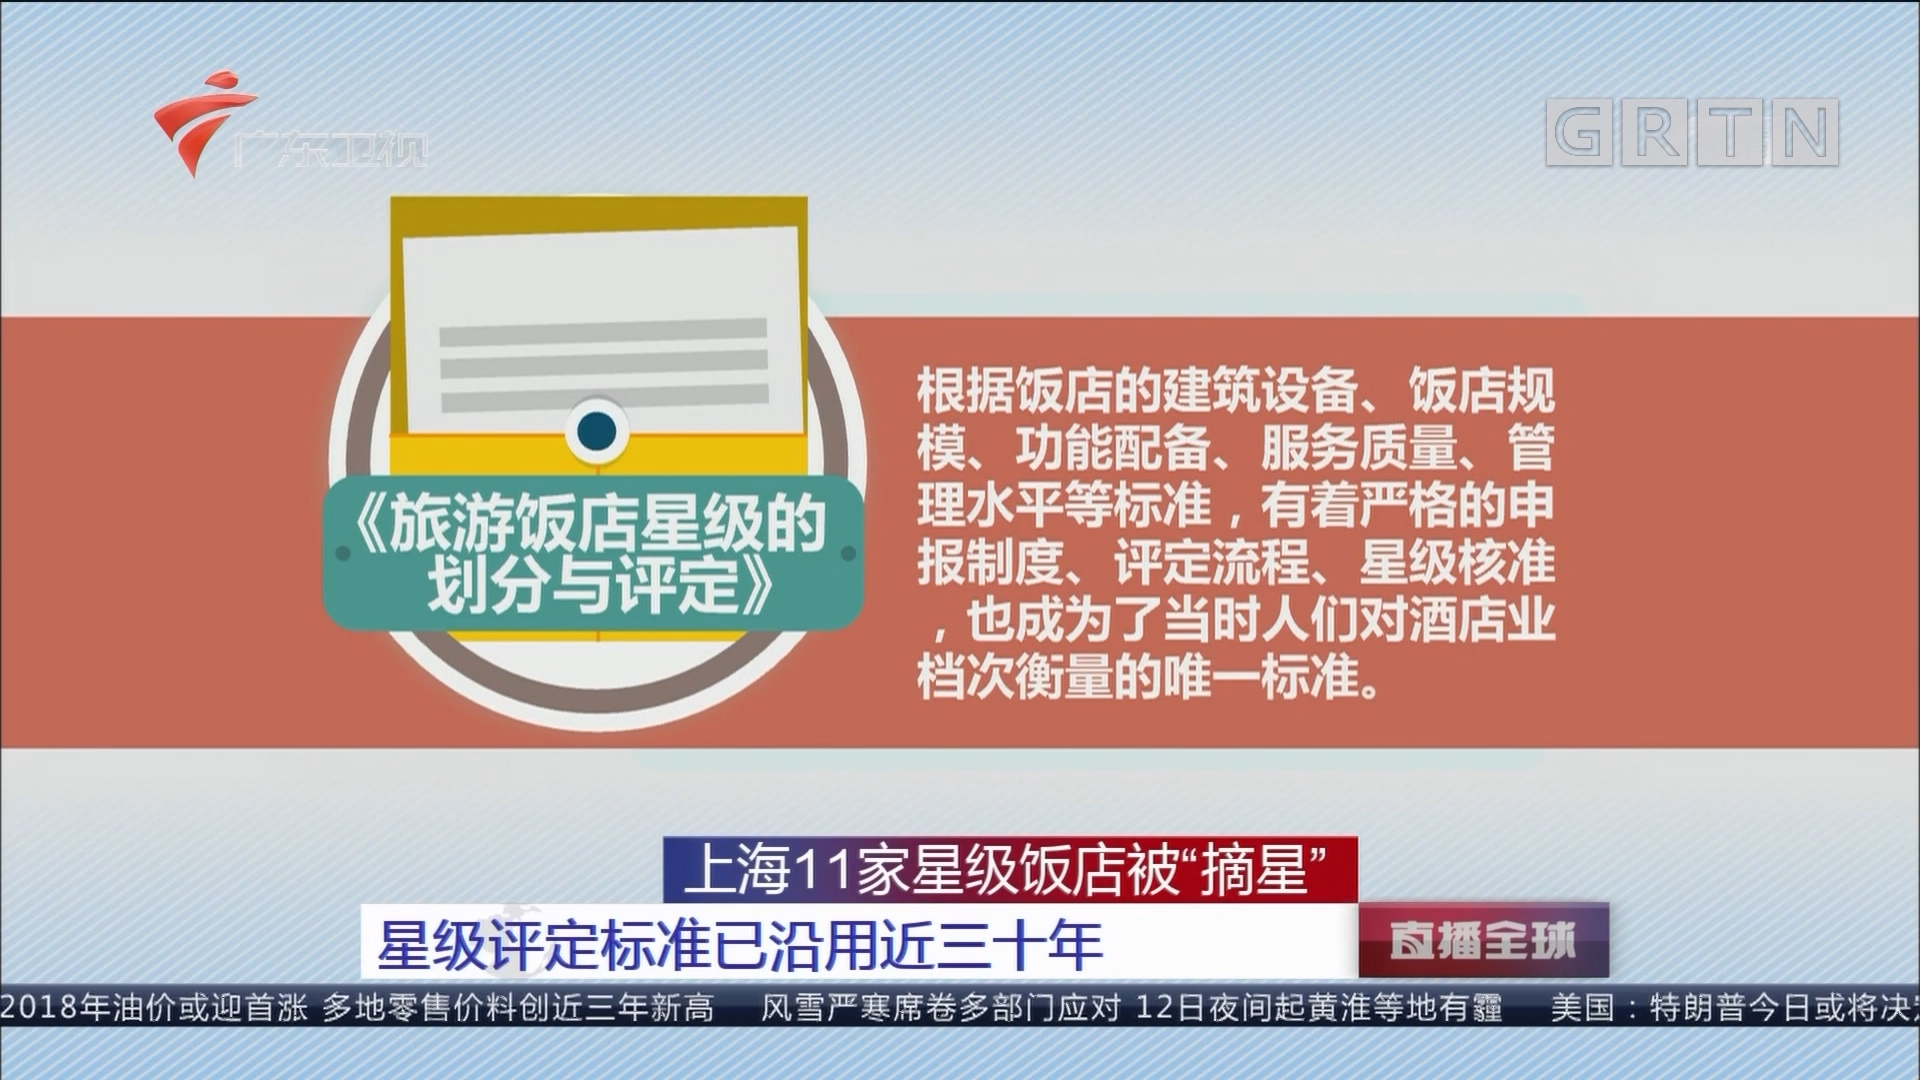 """上海11家星级饭店被""""摘星"""":星级评定标准已沿用近三十年"""